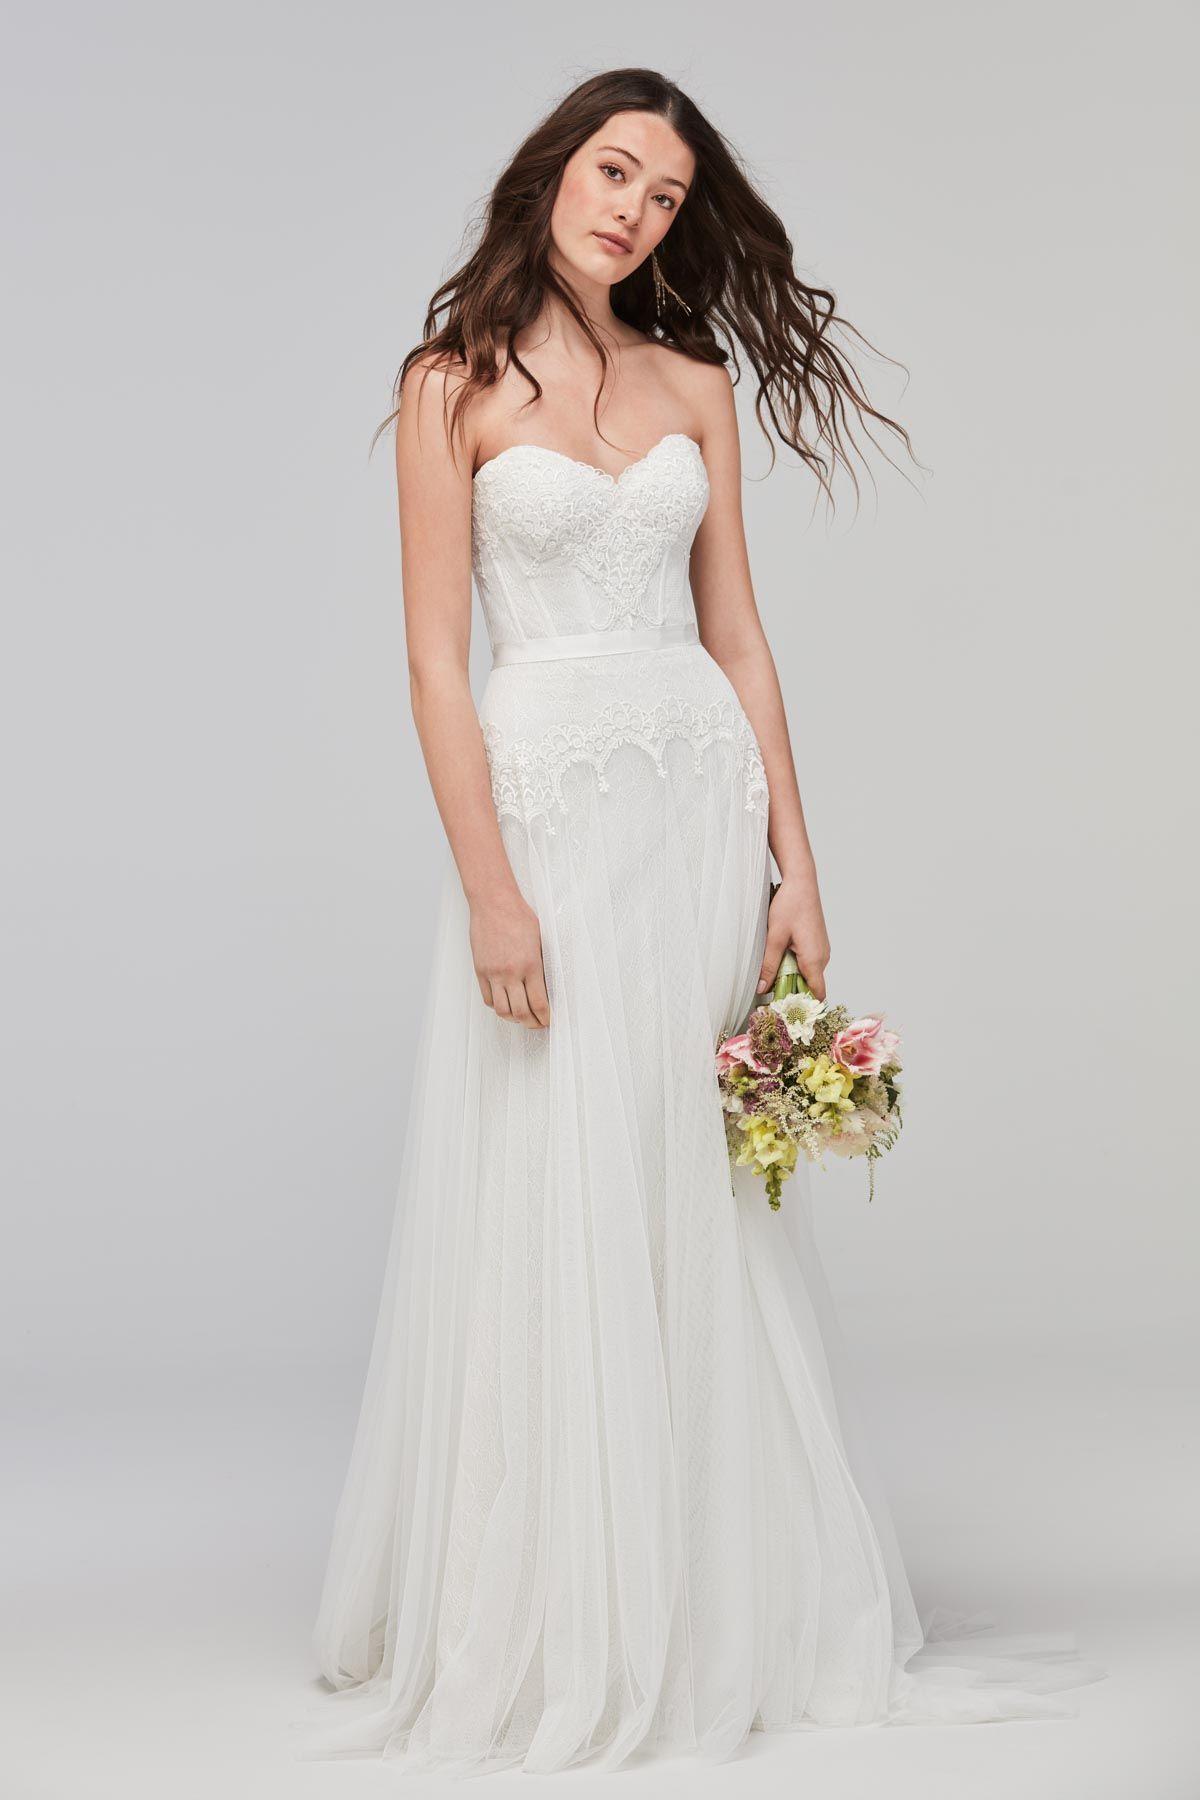 Watters Brautkleider – Die Amerikanische Topmarke mit den